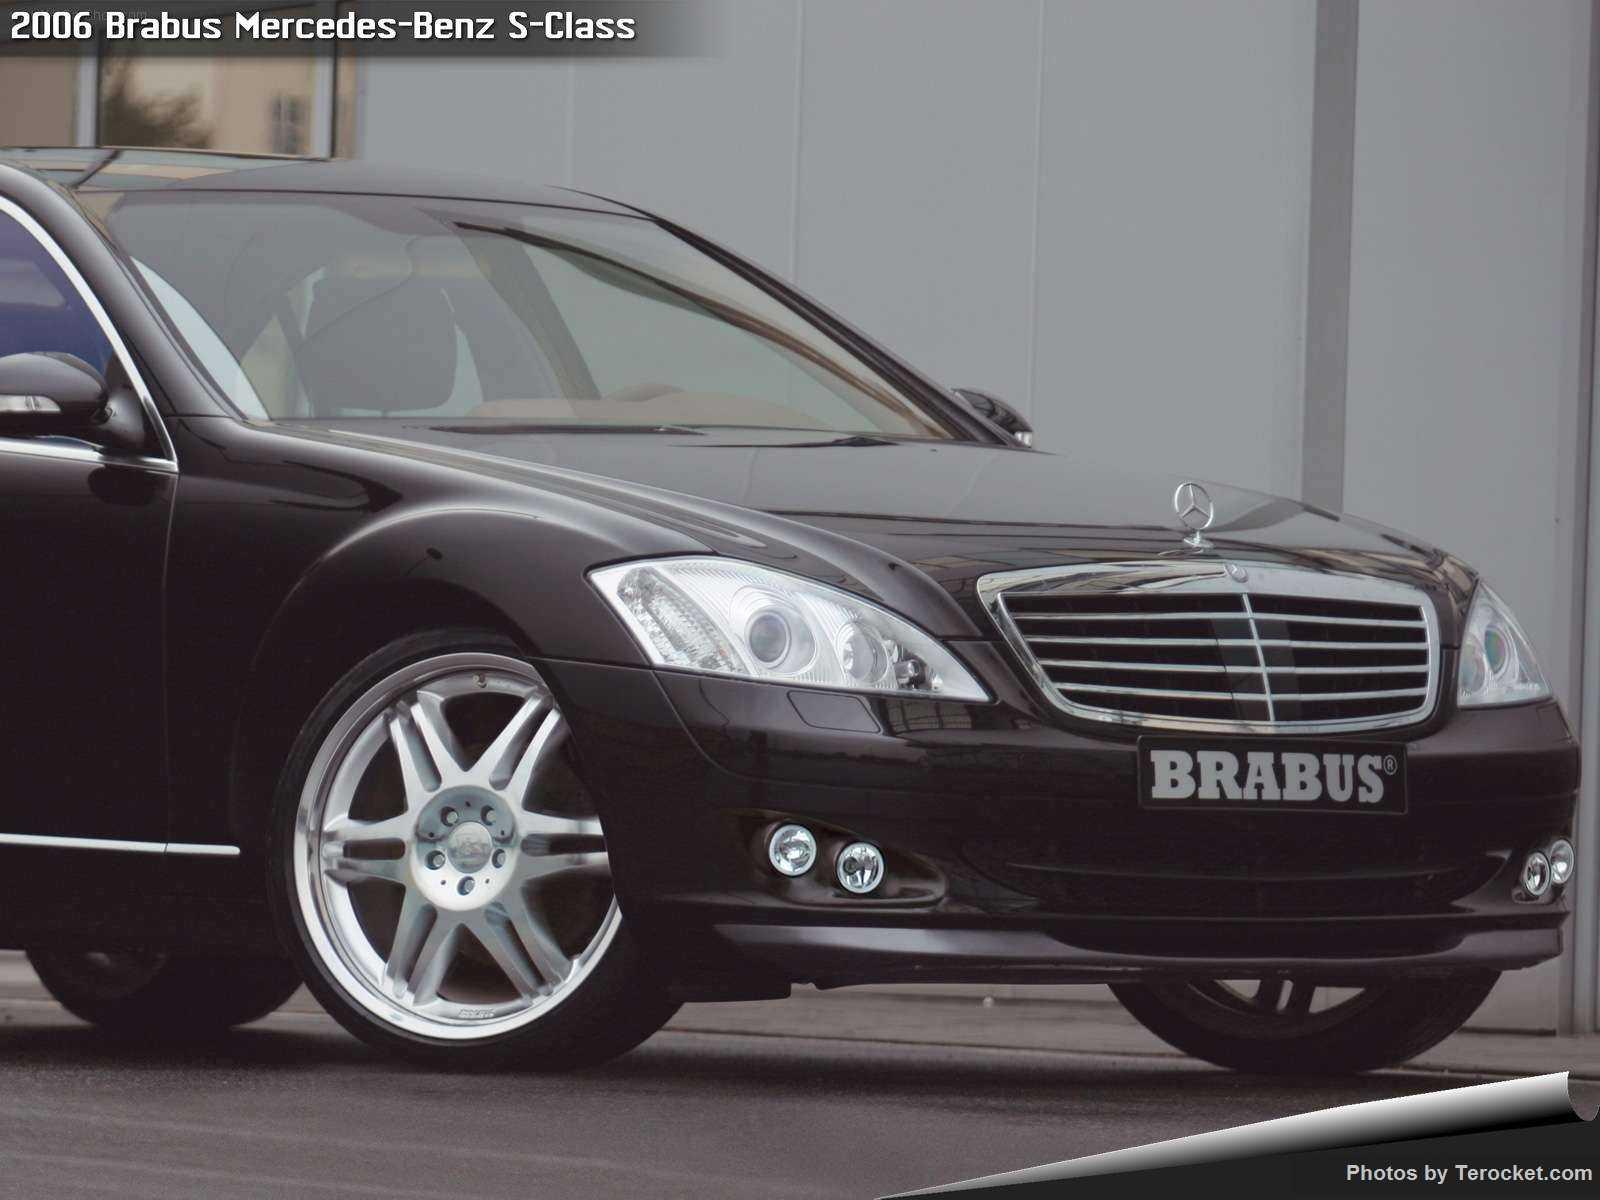 Hình ảnh xe ô tô Brabus Mercedes-Benz S-Class 2006 & nội ngoại thất